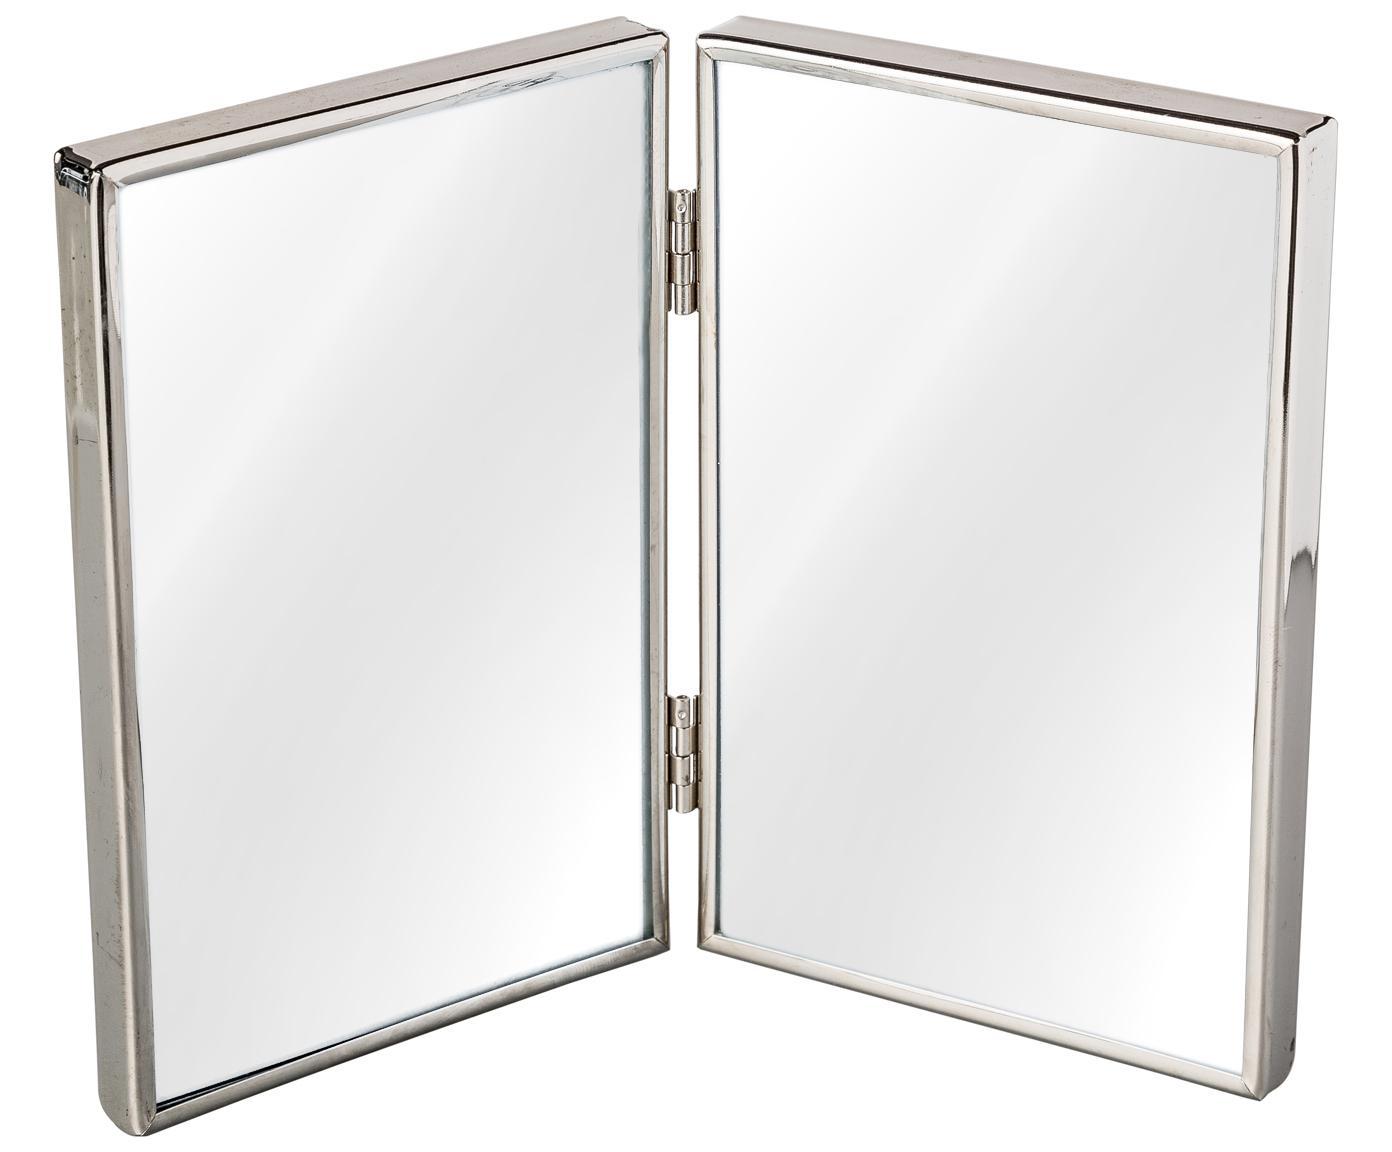 Ramka na zdjęcia Twinny, Metal, szkło, Odcienie srebrnego, 10 x 15 cm